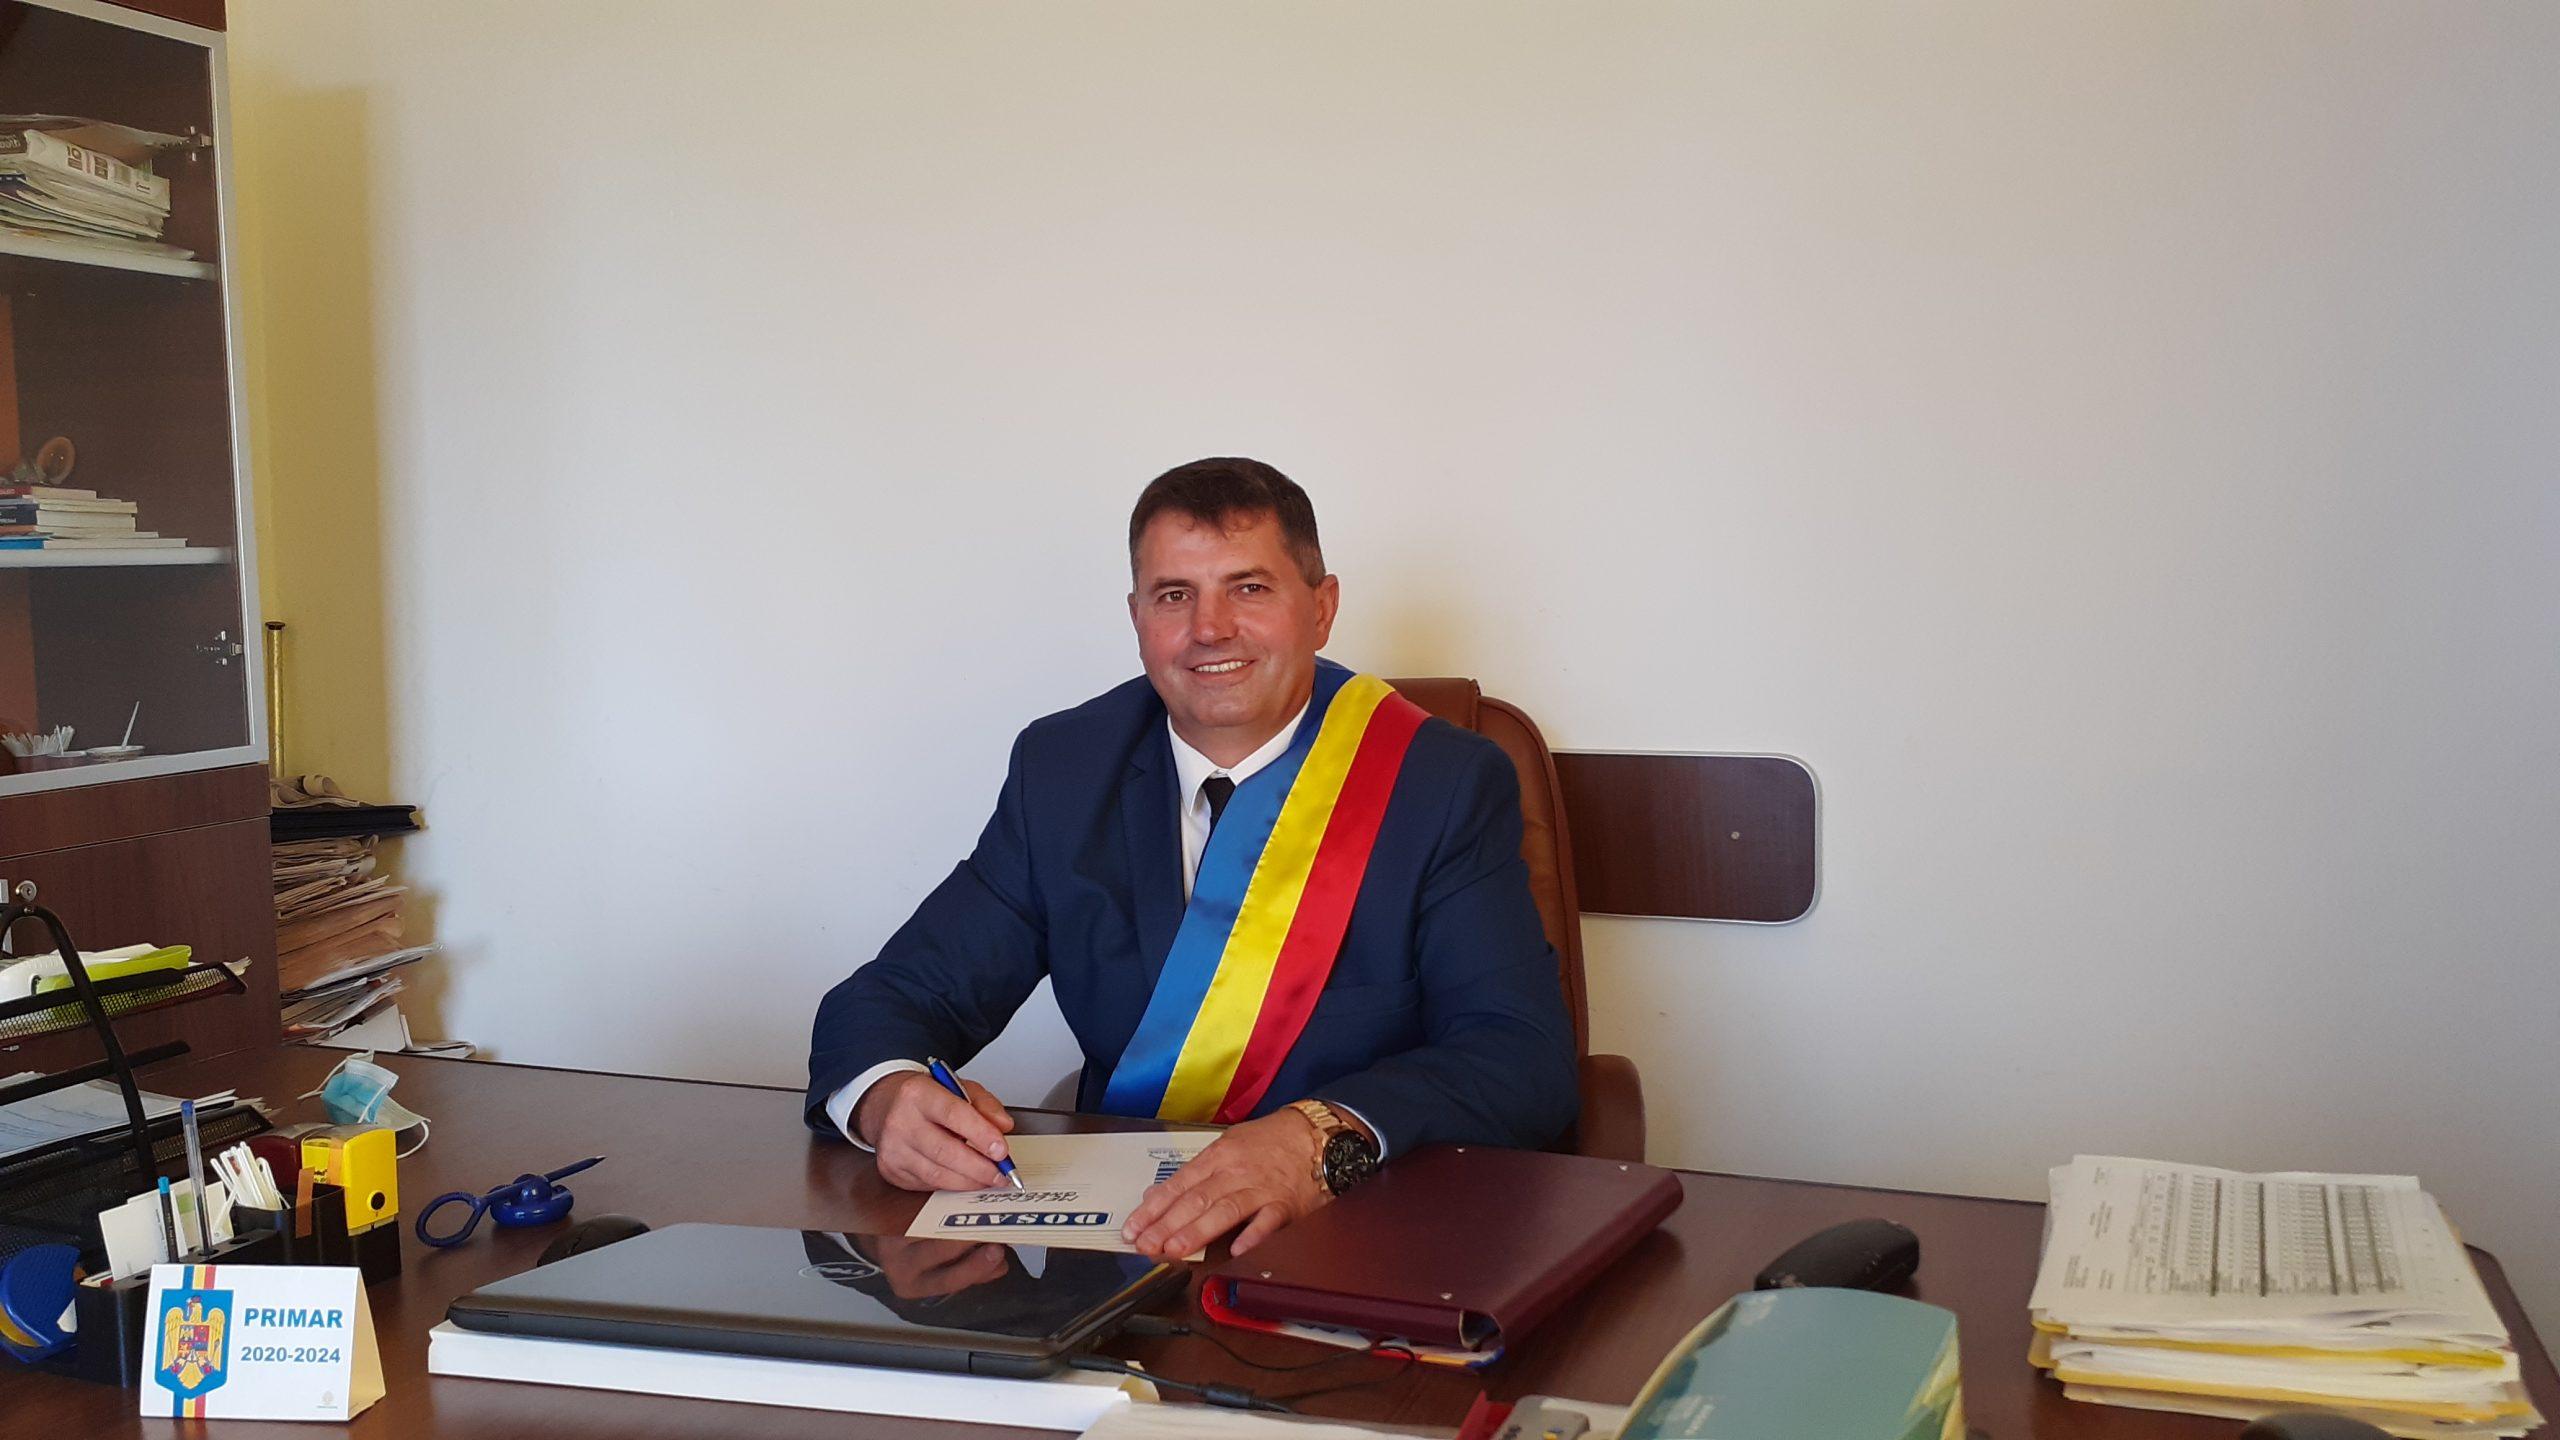 Comuna Drăgoeşti, dezvoltare făcută temeinic. Planurile pentru următorul mandat ale primarului Gheorghe Melente